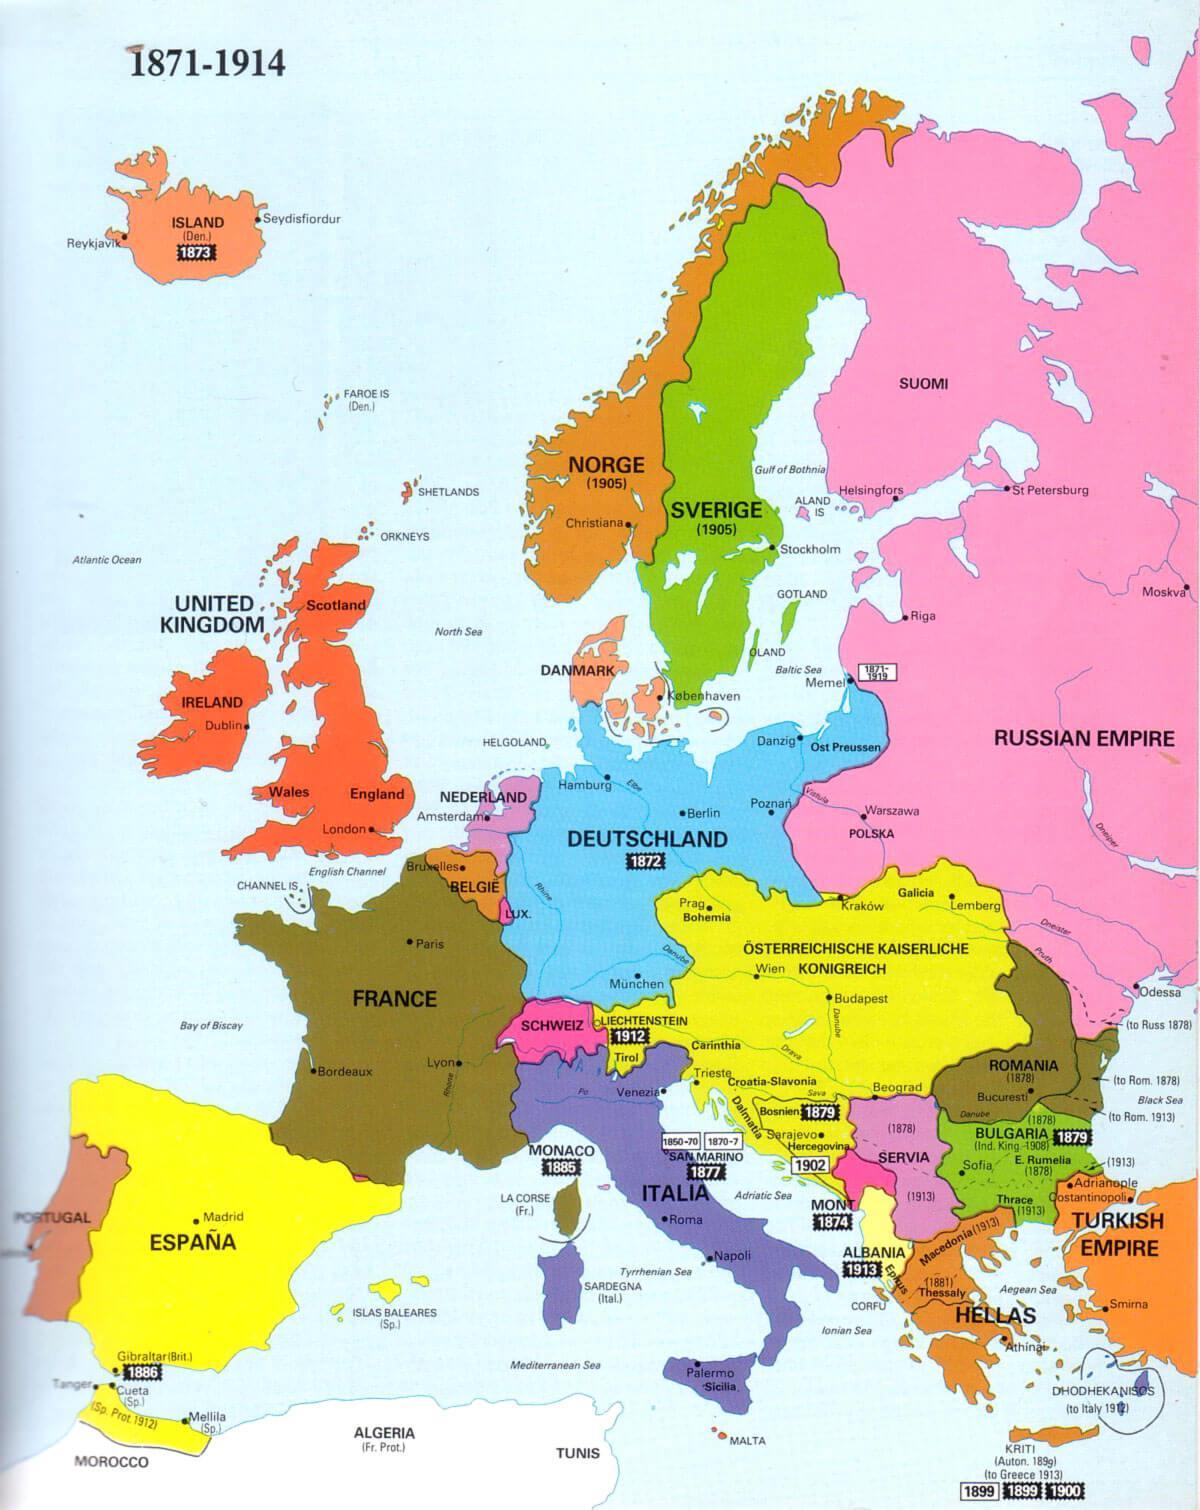 Karta Balkana 1878.Airijos Zemėlapis Europa Zemėlapyje Airija Ir Europa Siaurės